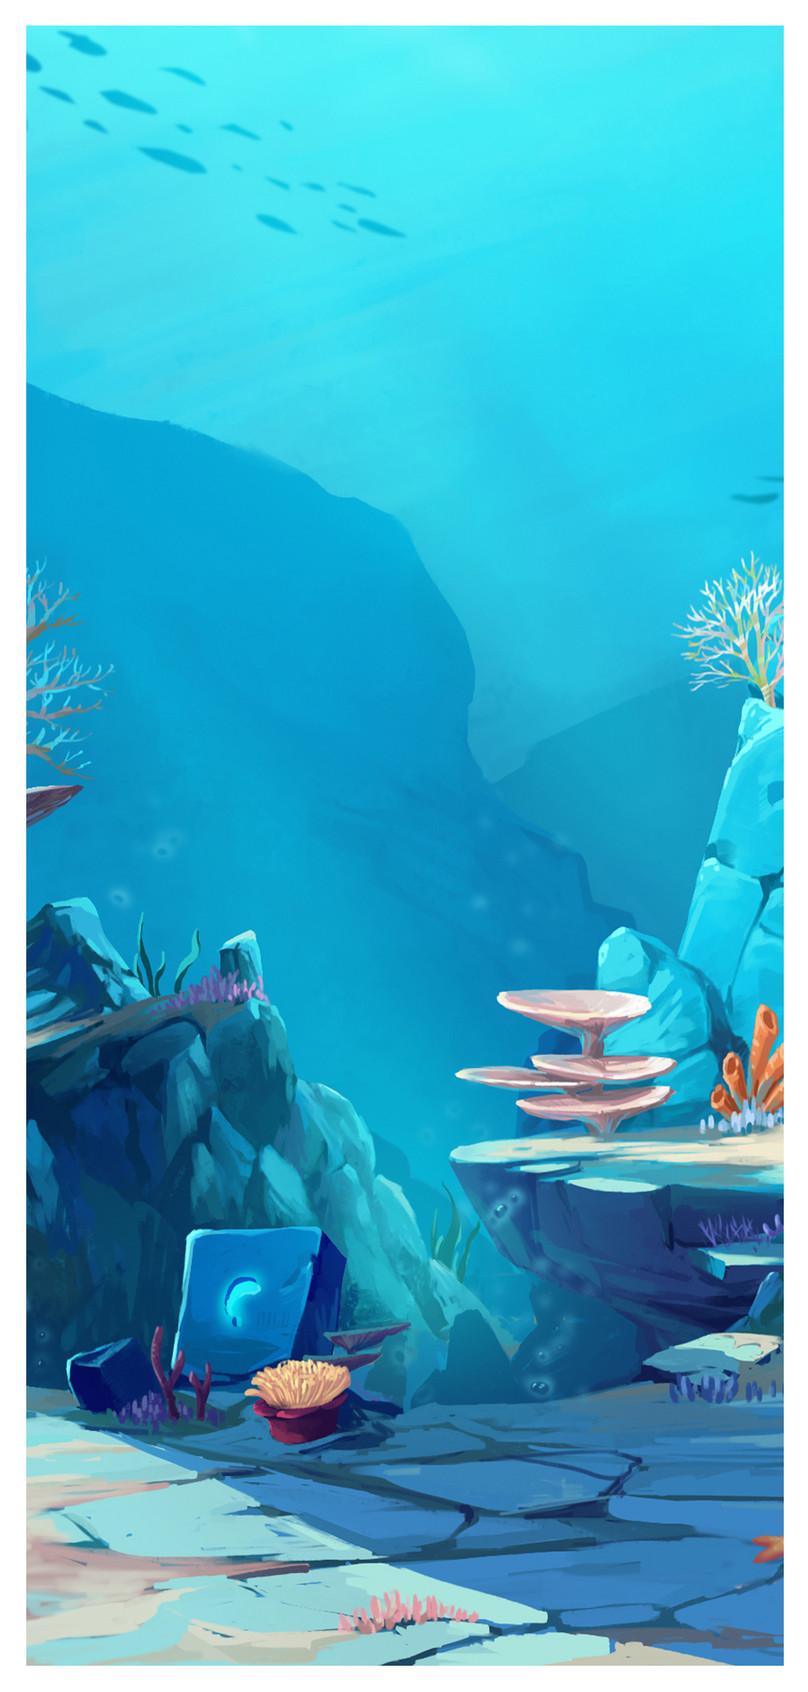 Wallpaper Ponsel Dunia Bawah Laut Gambar Unduh Gratis Latar